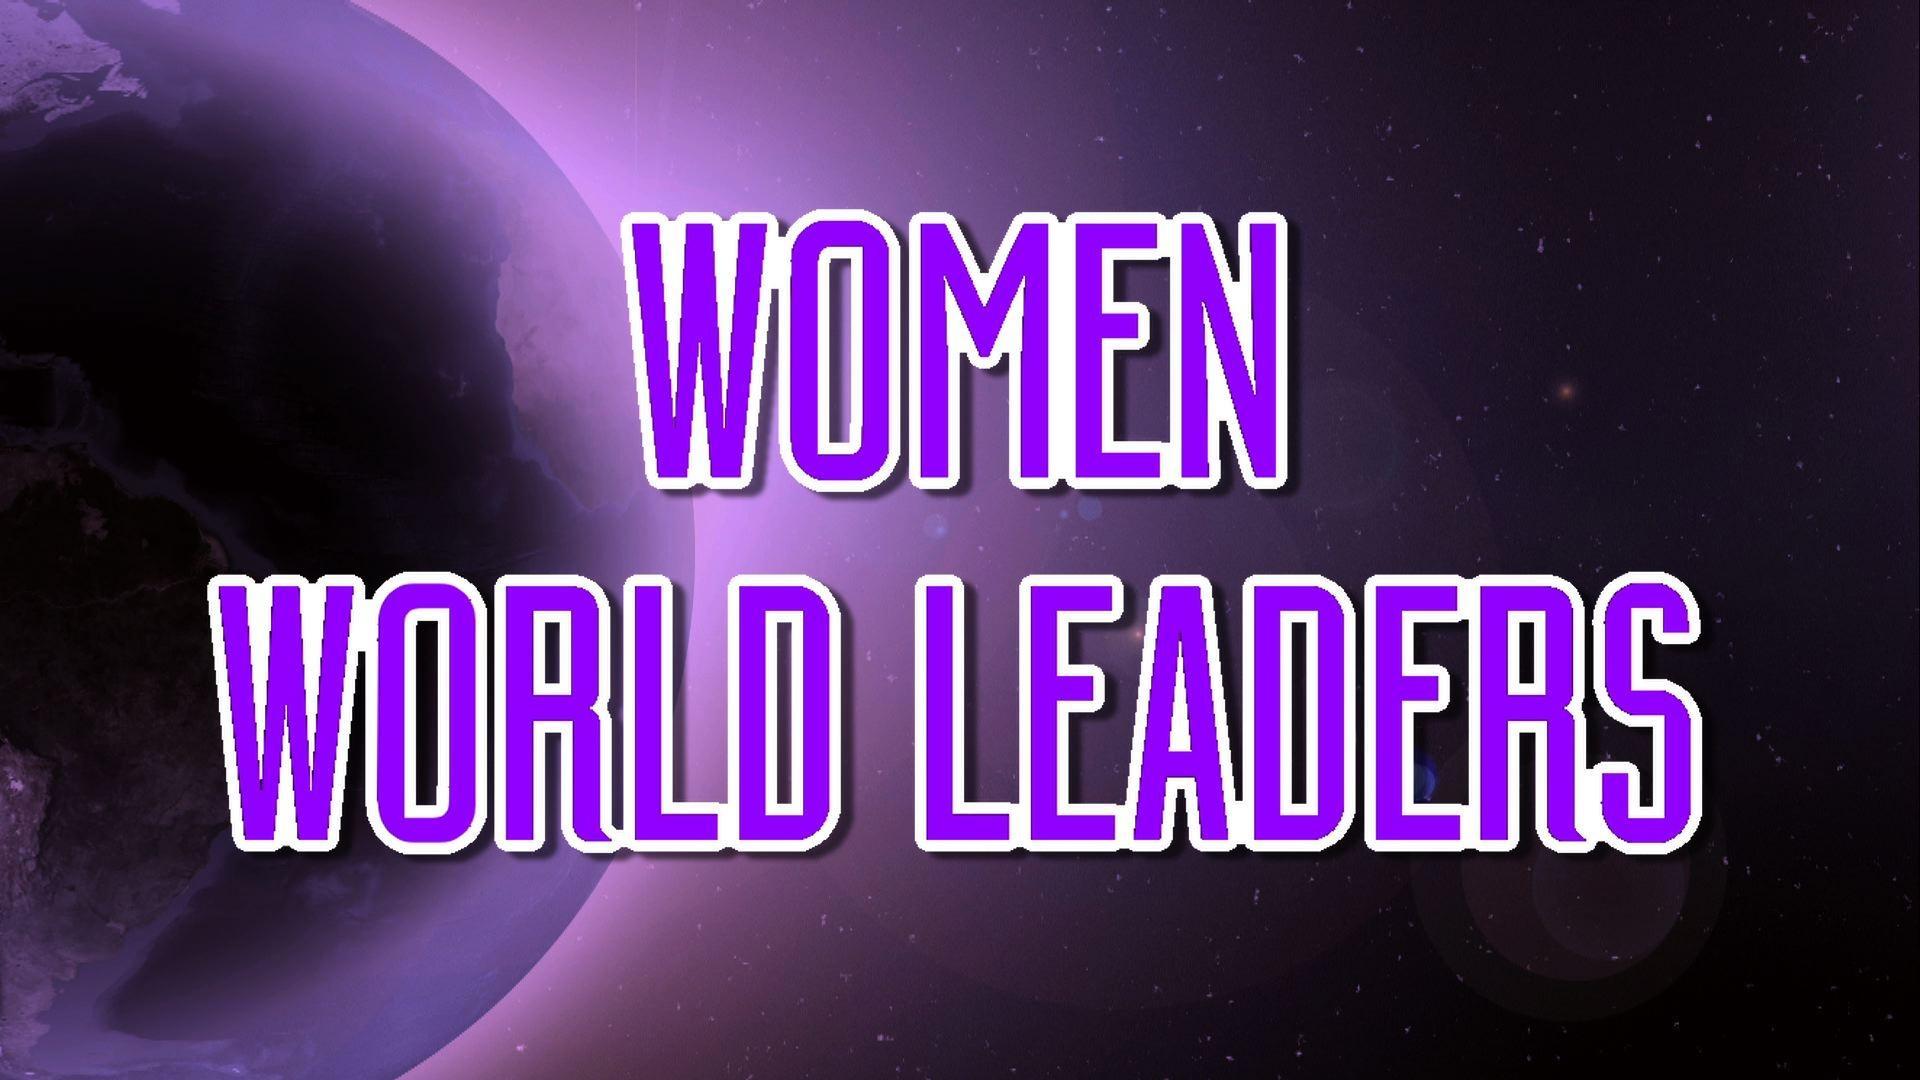 Women World Leaders